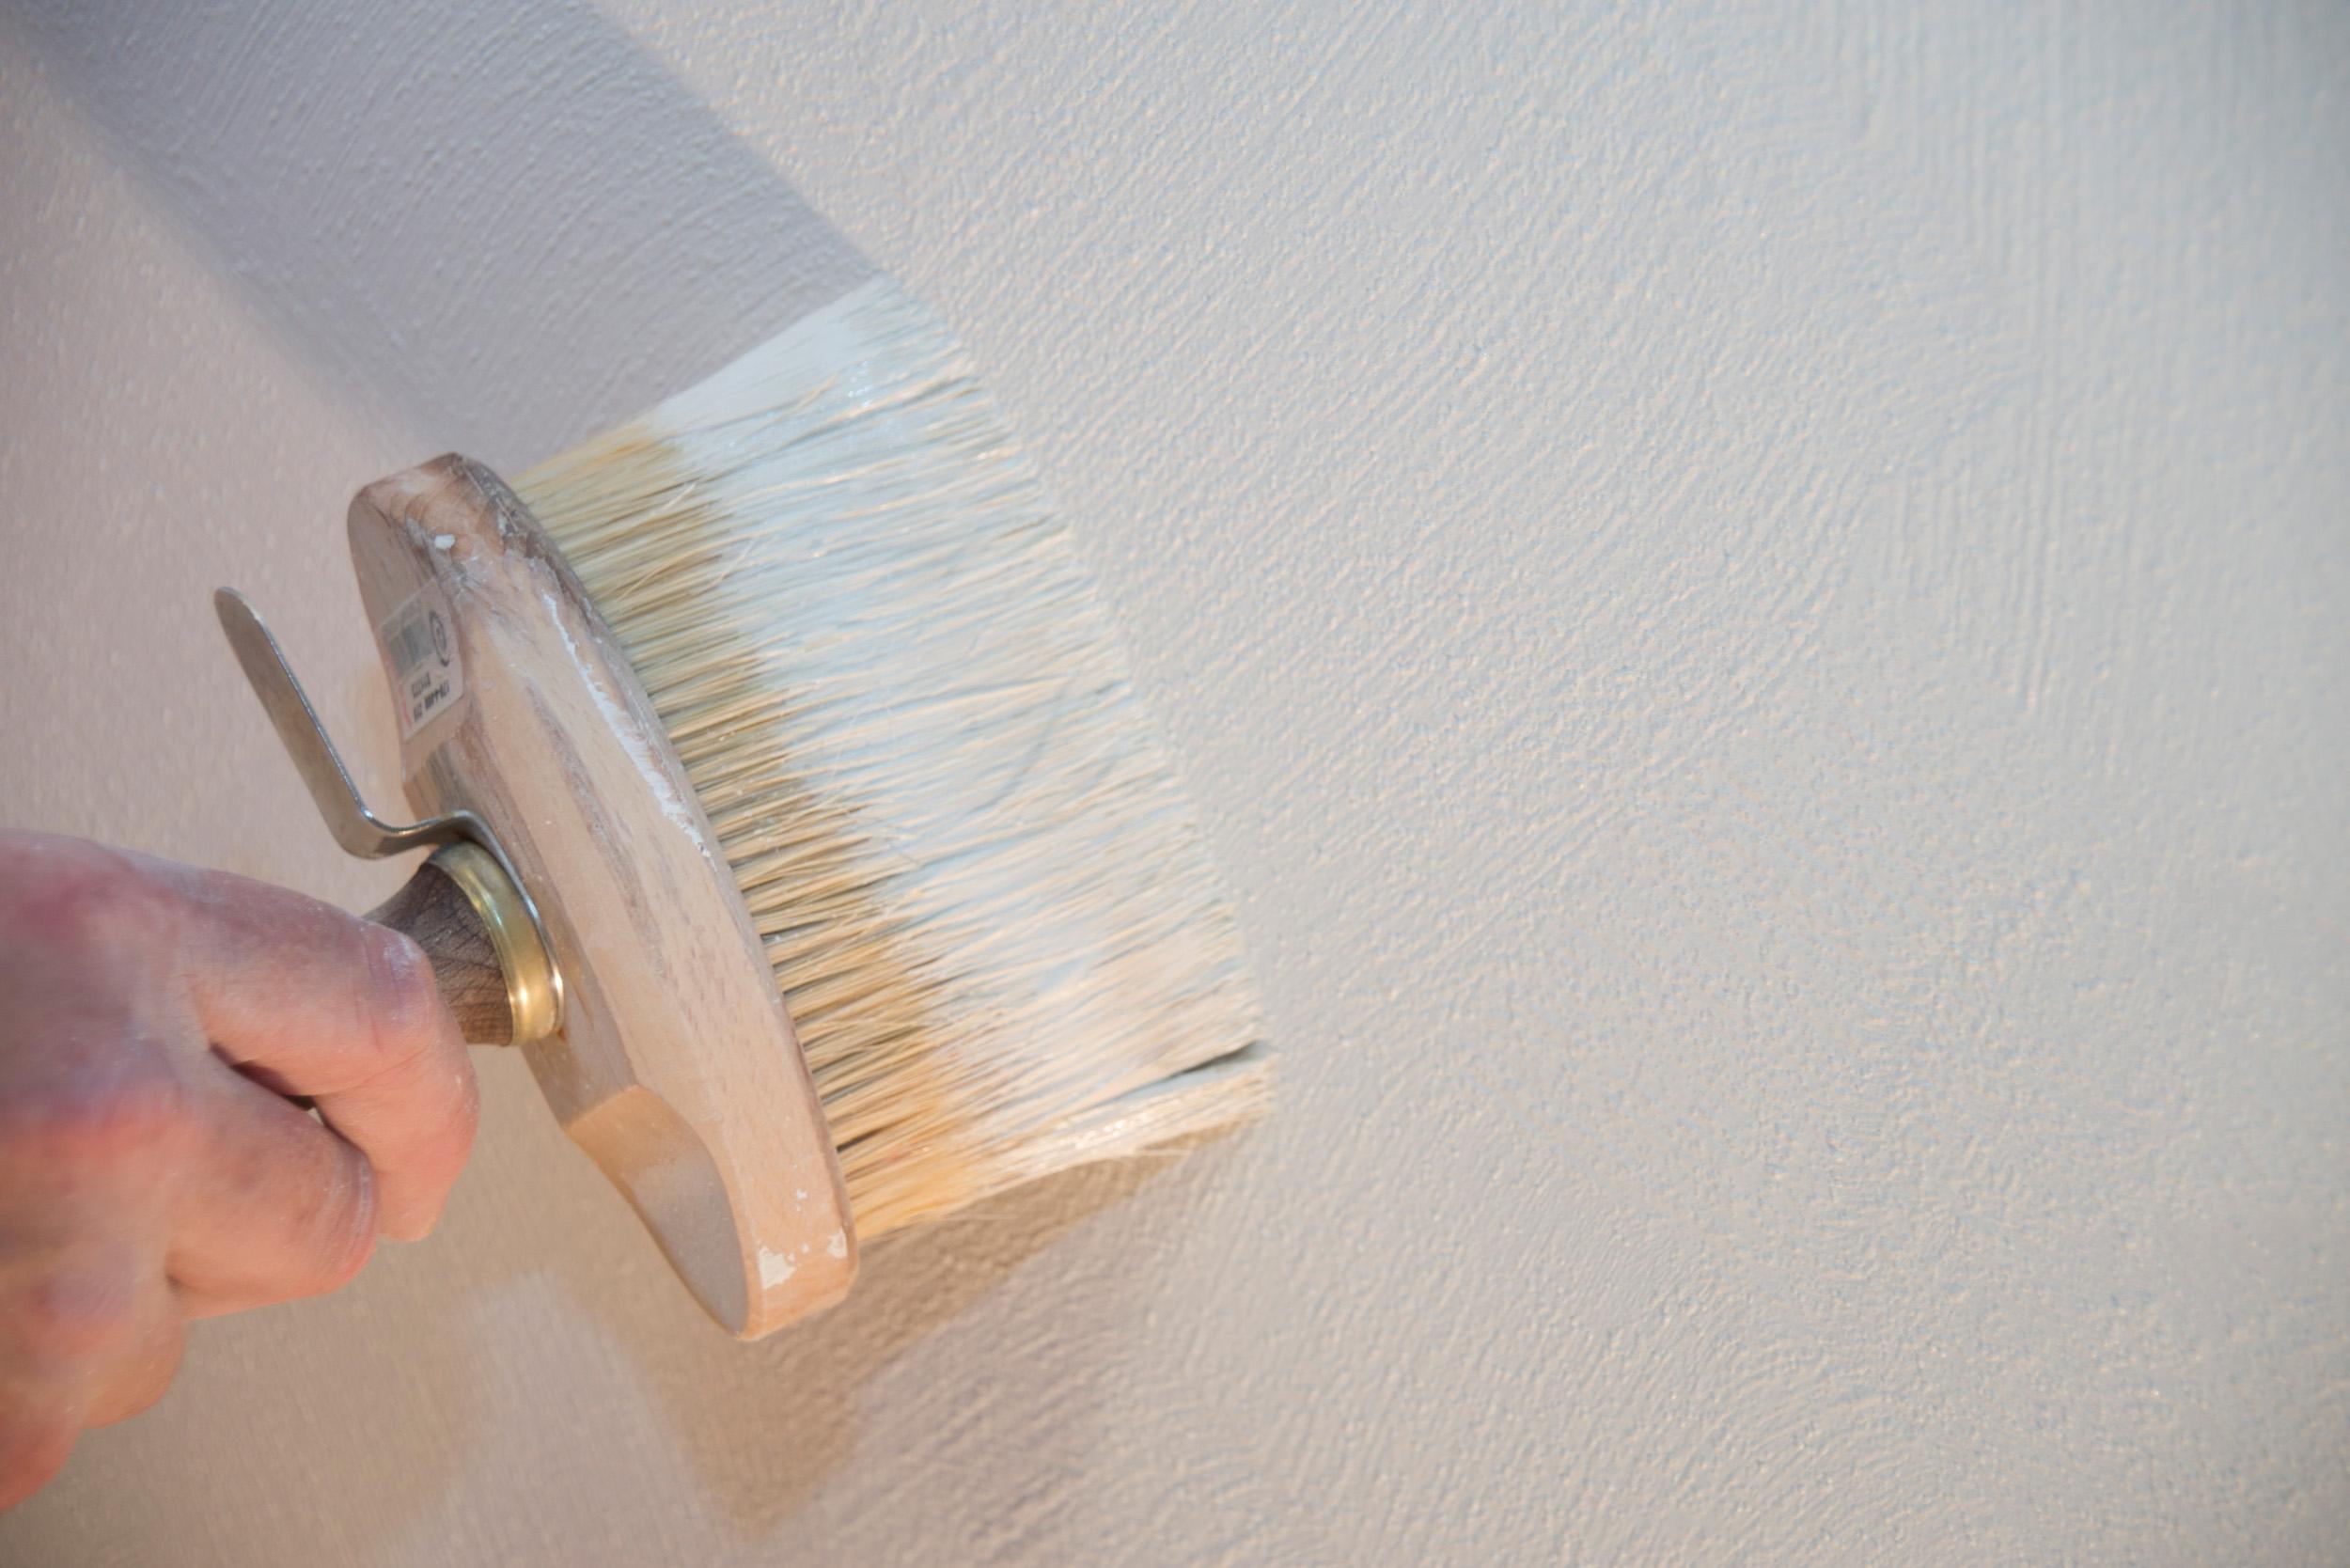 Kalkfarbe kommt ohne chemische Zusätze aus, wirkt antibakteriell, ist einfach zu verarbeiten und dabei äußerst nachhaltig. Sie lässt sich ganz einfach per Bürste oder Flächenstreicher auftragen. Je nach Untergrund sind für eine vollständige Deckkraft zwei bis drei Anstriche notwendig. Bildquelle: tdx/Reincke Naturfarben LEINOS